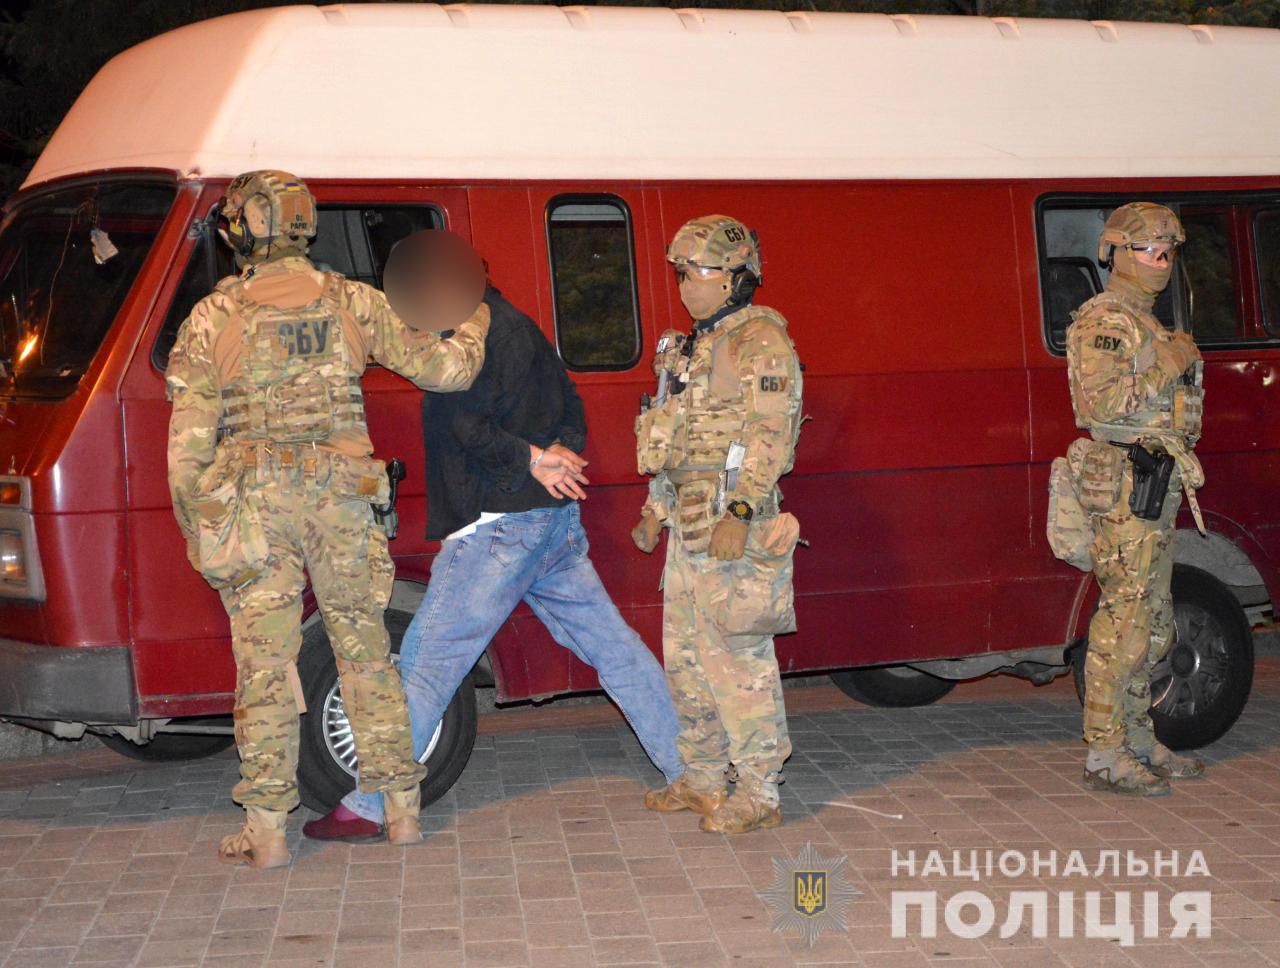 Геращенко прокоментував, чому спецпризначенці прибули вже після затримання терориста у Луцьку